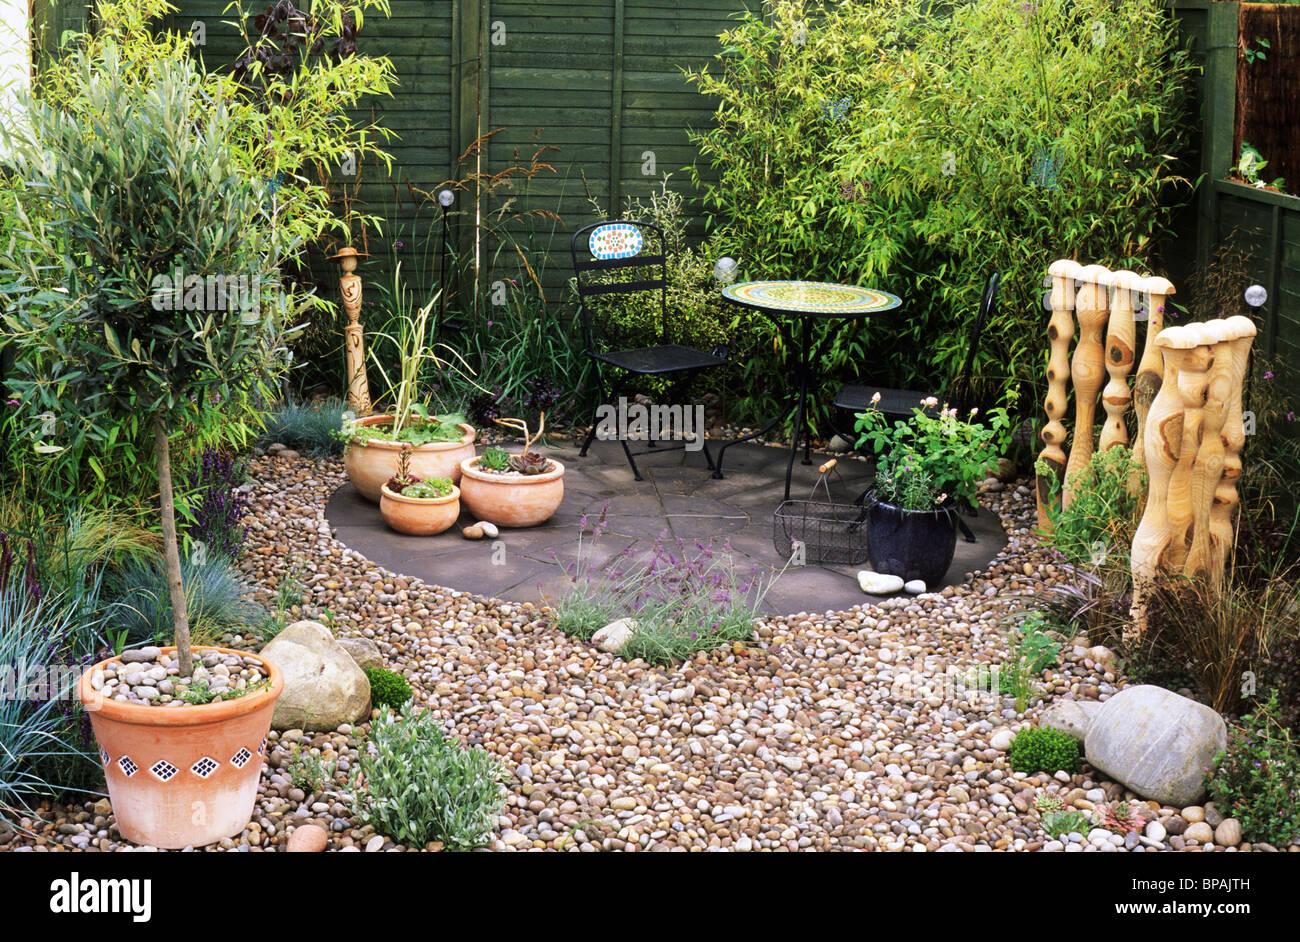 Kies Garten Mit Bambus, Sandringham Flower Show, Designer Entwerfen Nicola  Glasel Kleingärten Entwirft Kiesel Steinen Pflanze